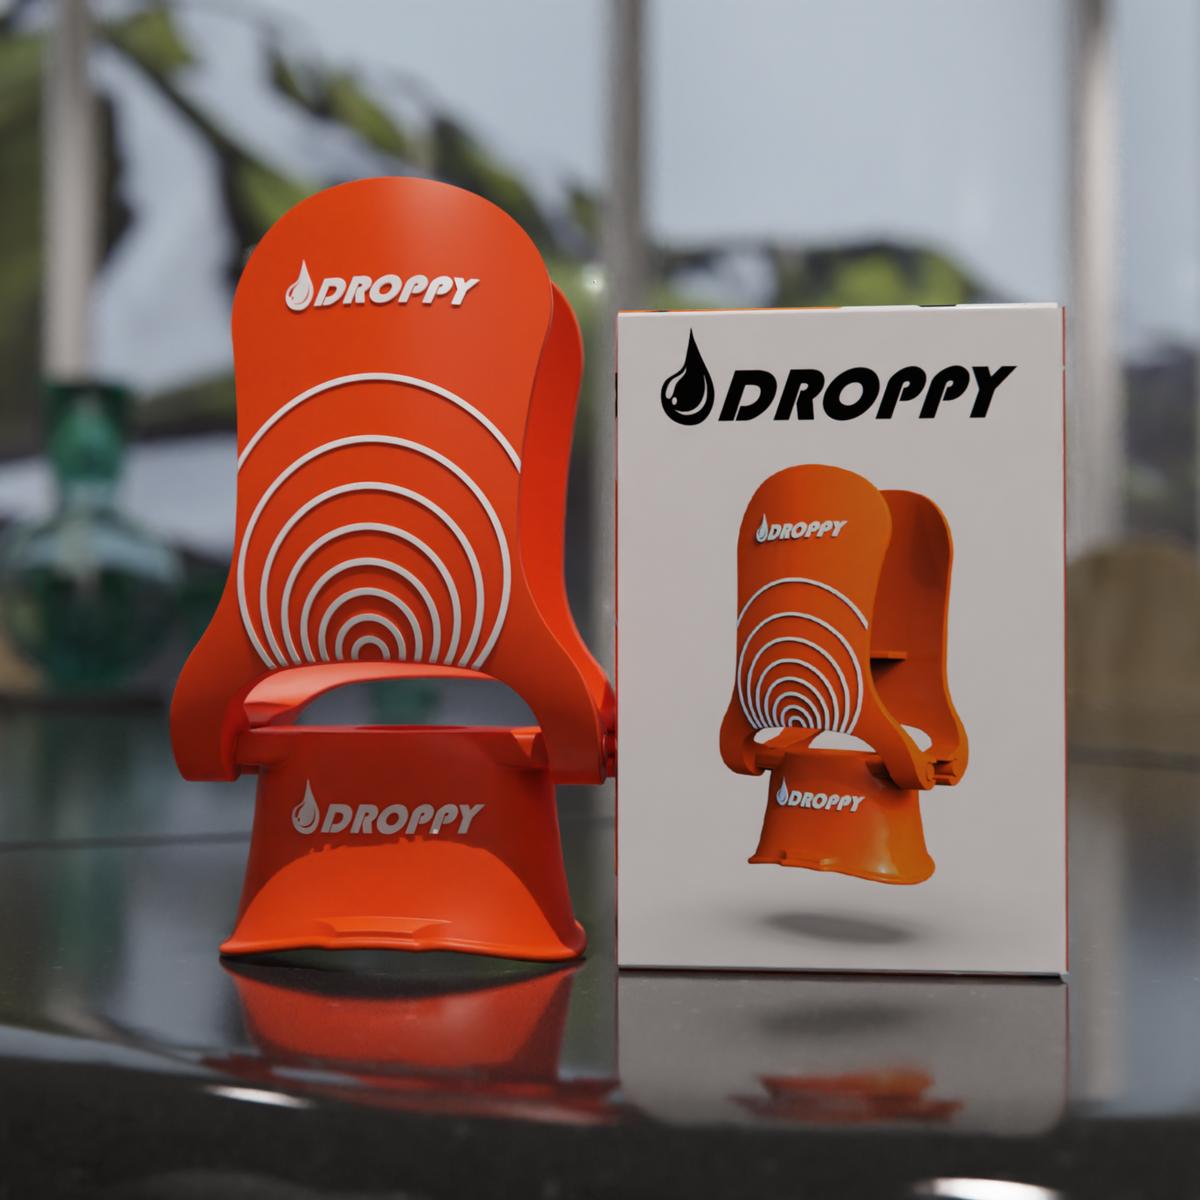 Droppy-øyedråpestøtte